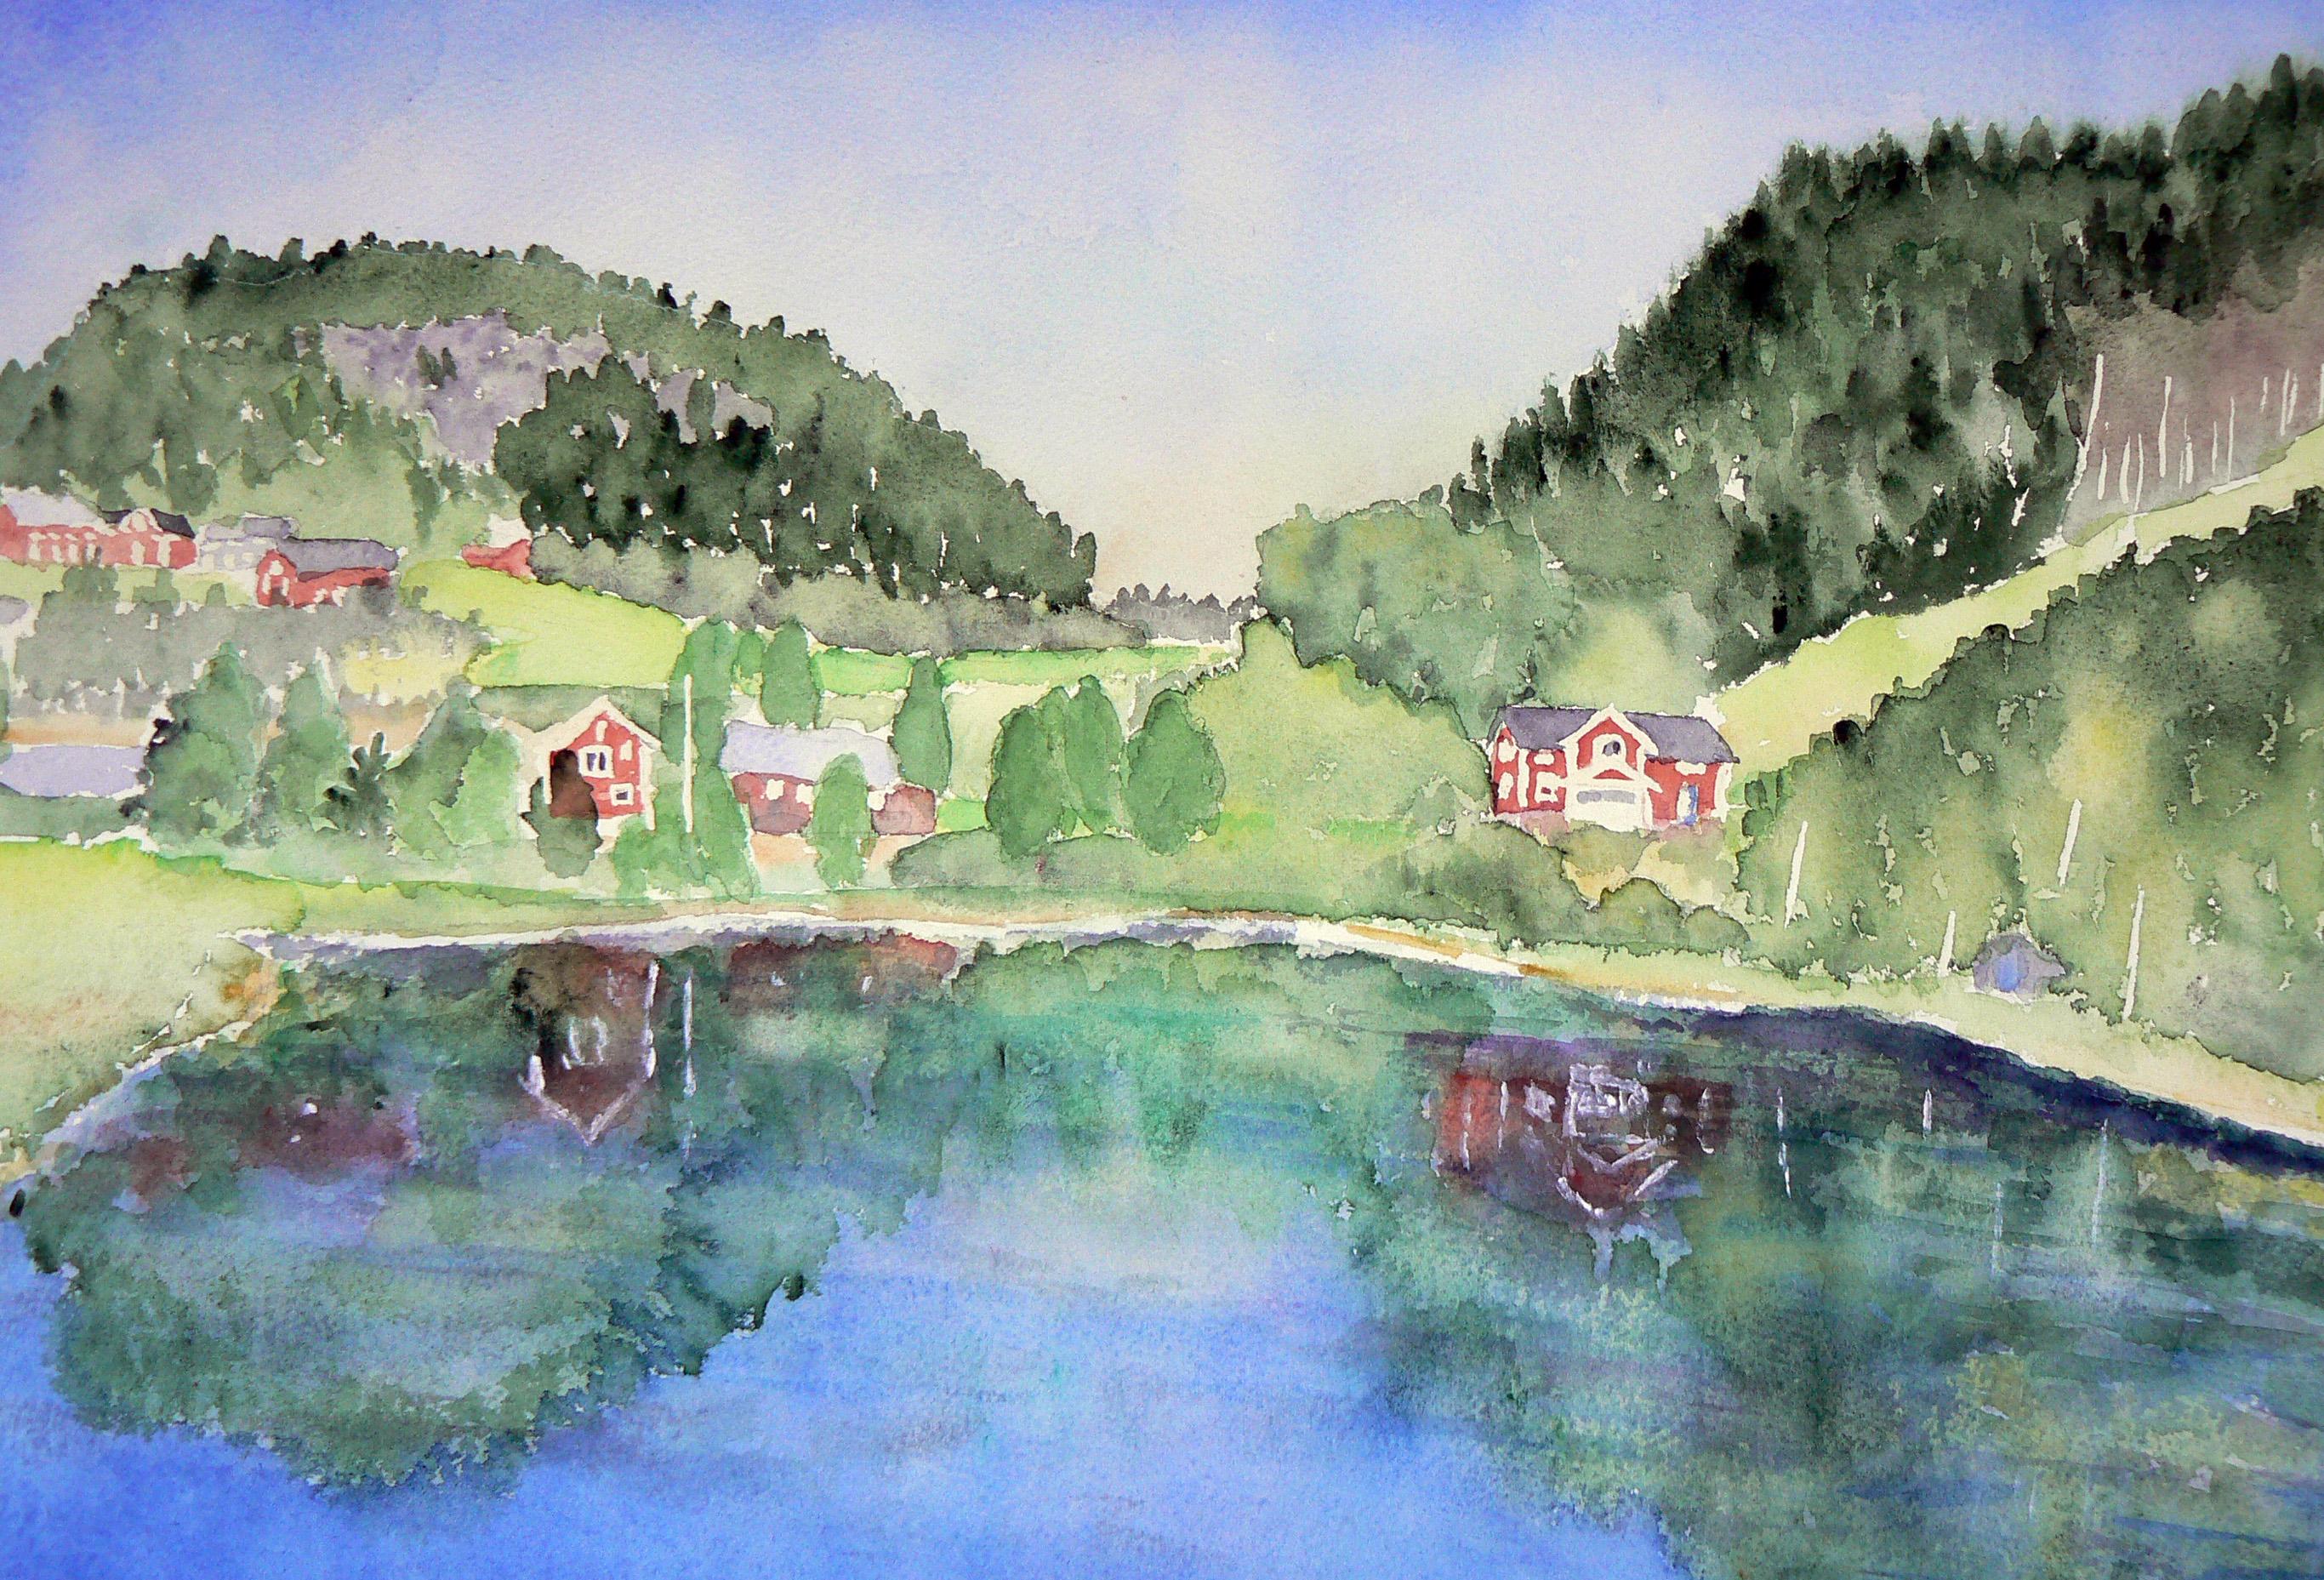 Själandssjön